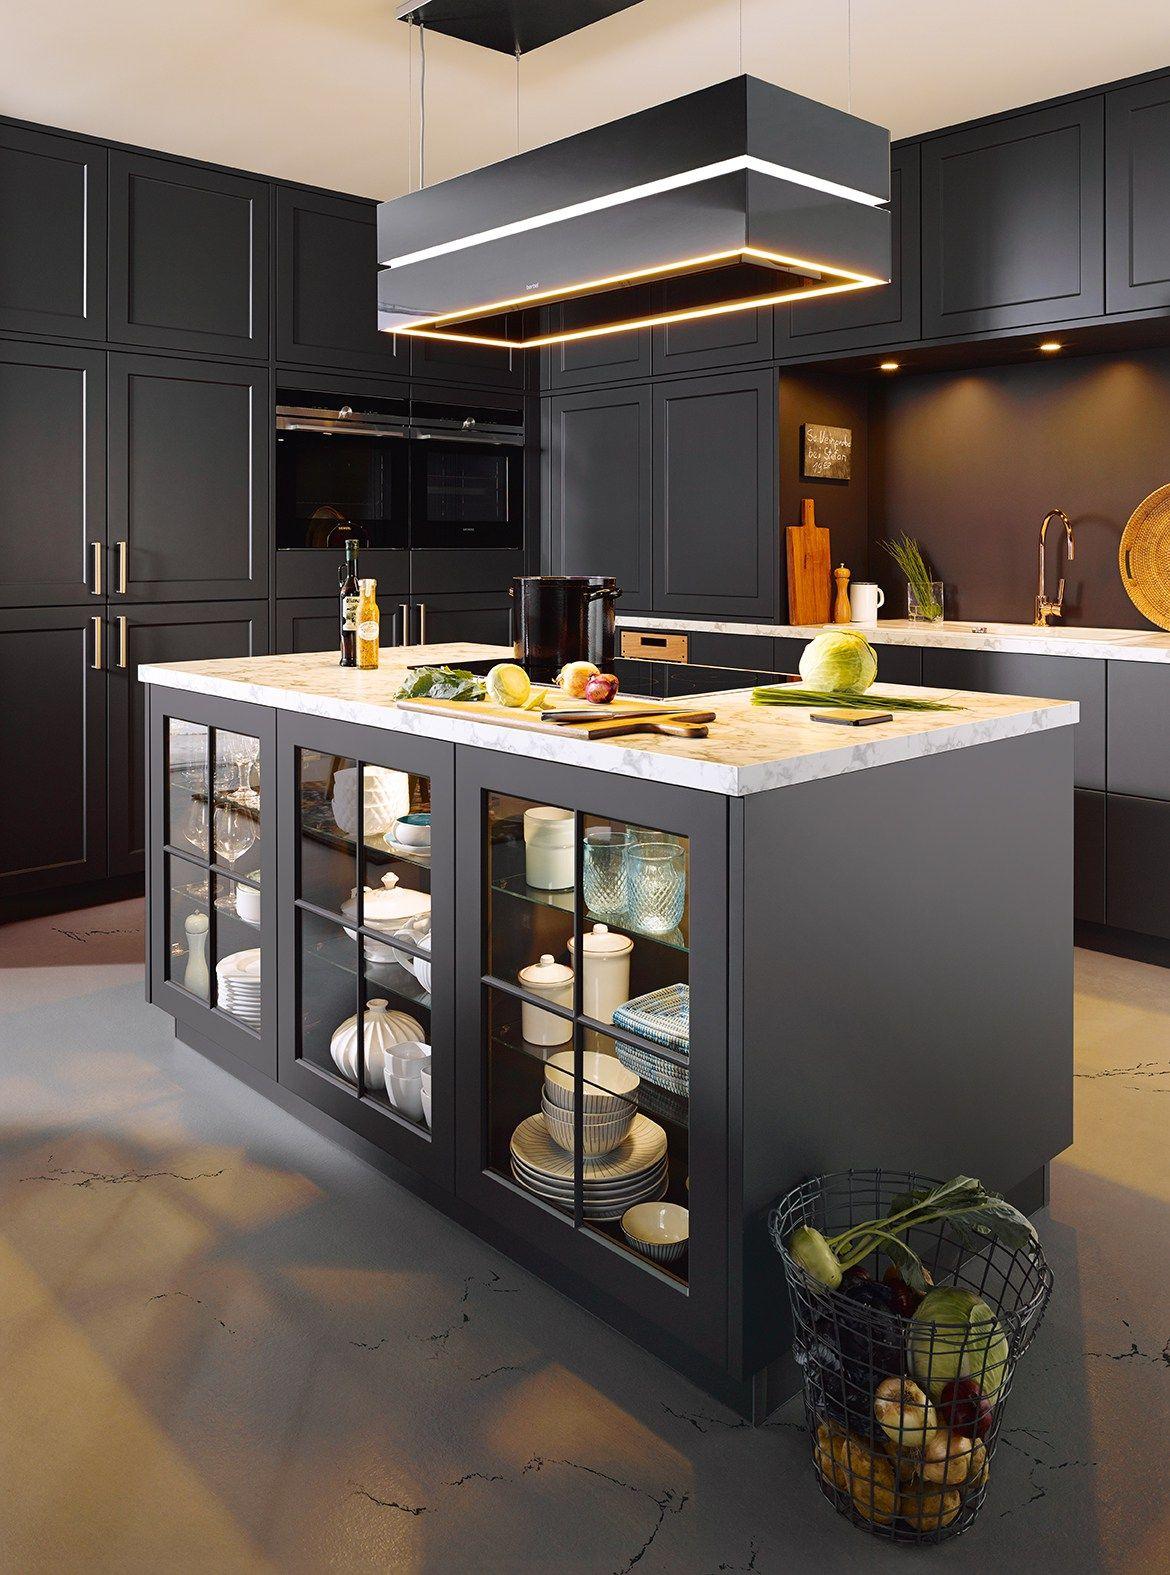 Modern Kitchen Cabinets Ideas 17 Modern Kitchen Interiors Modern Kitchen Design Luxury Kitchen Cabinets